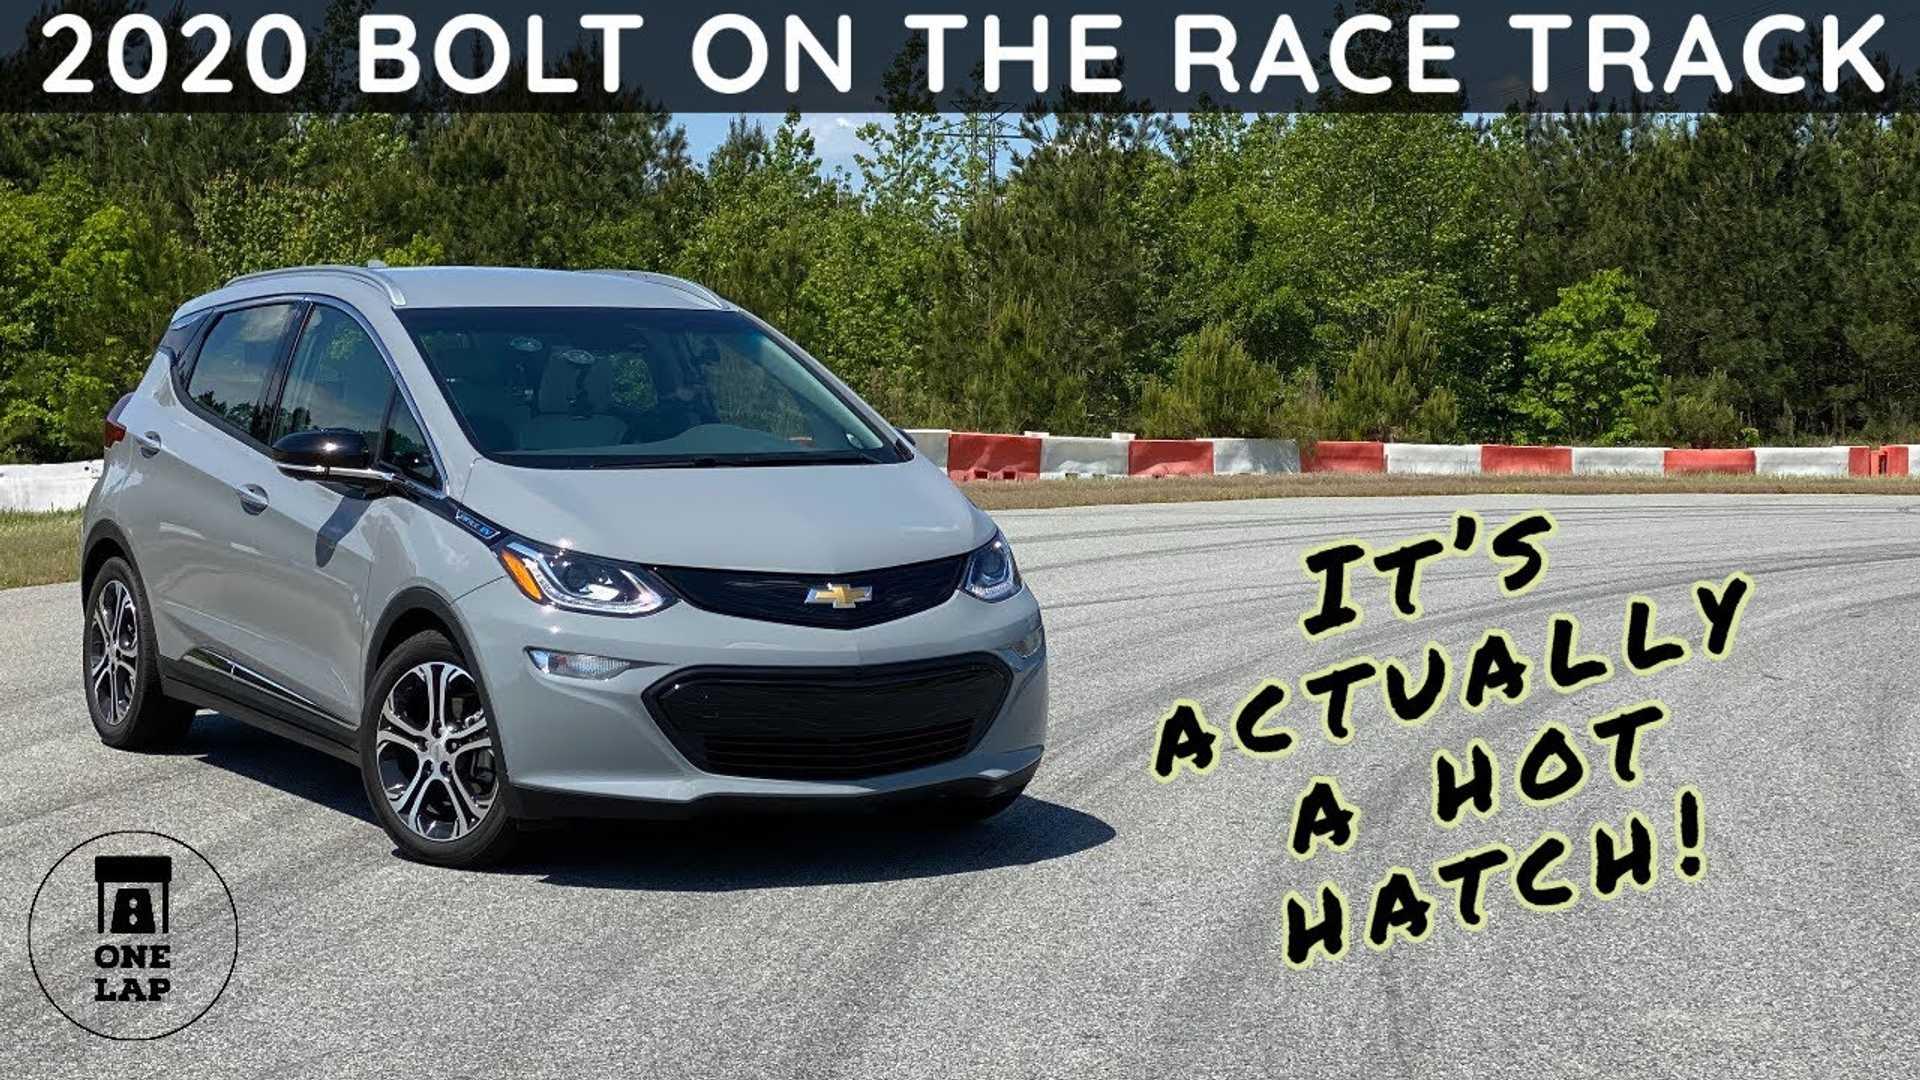 2020 Chevy Bolt EV производит впечатление горячего хэтча на одном круге